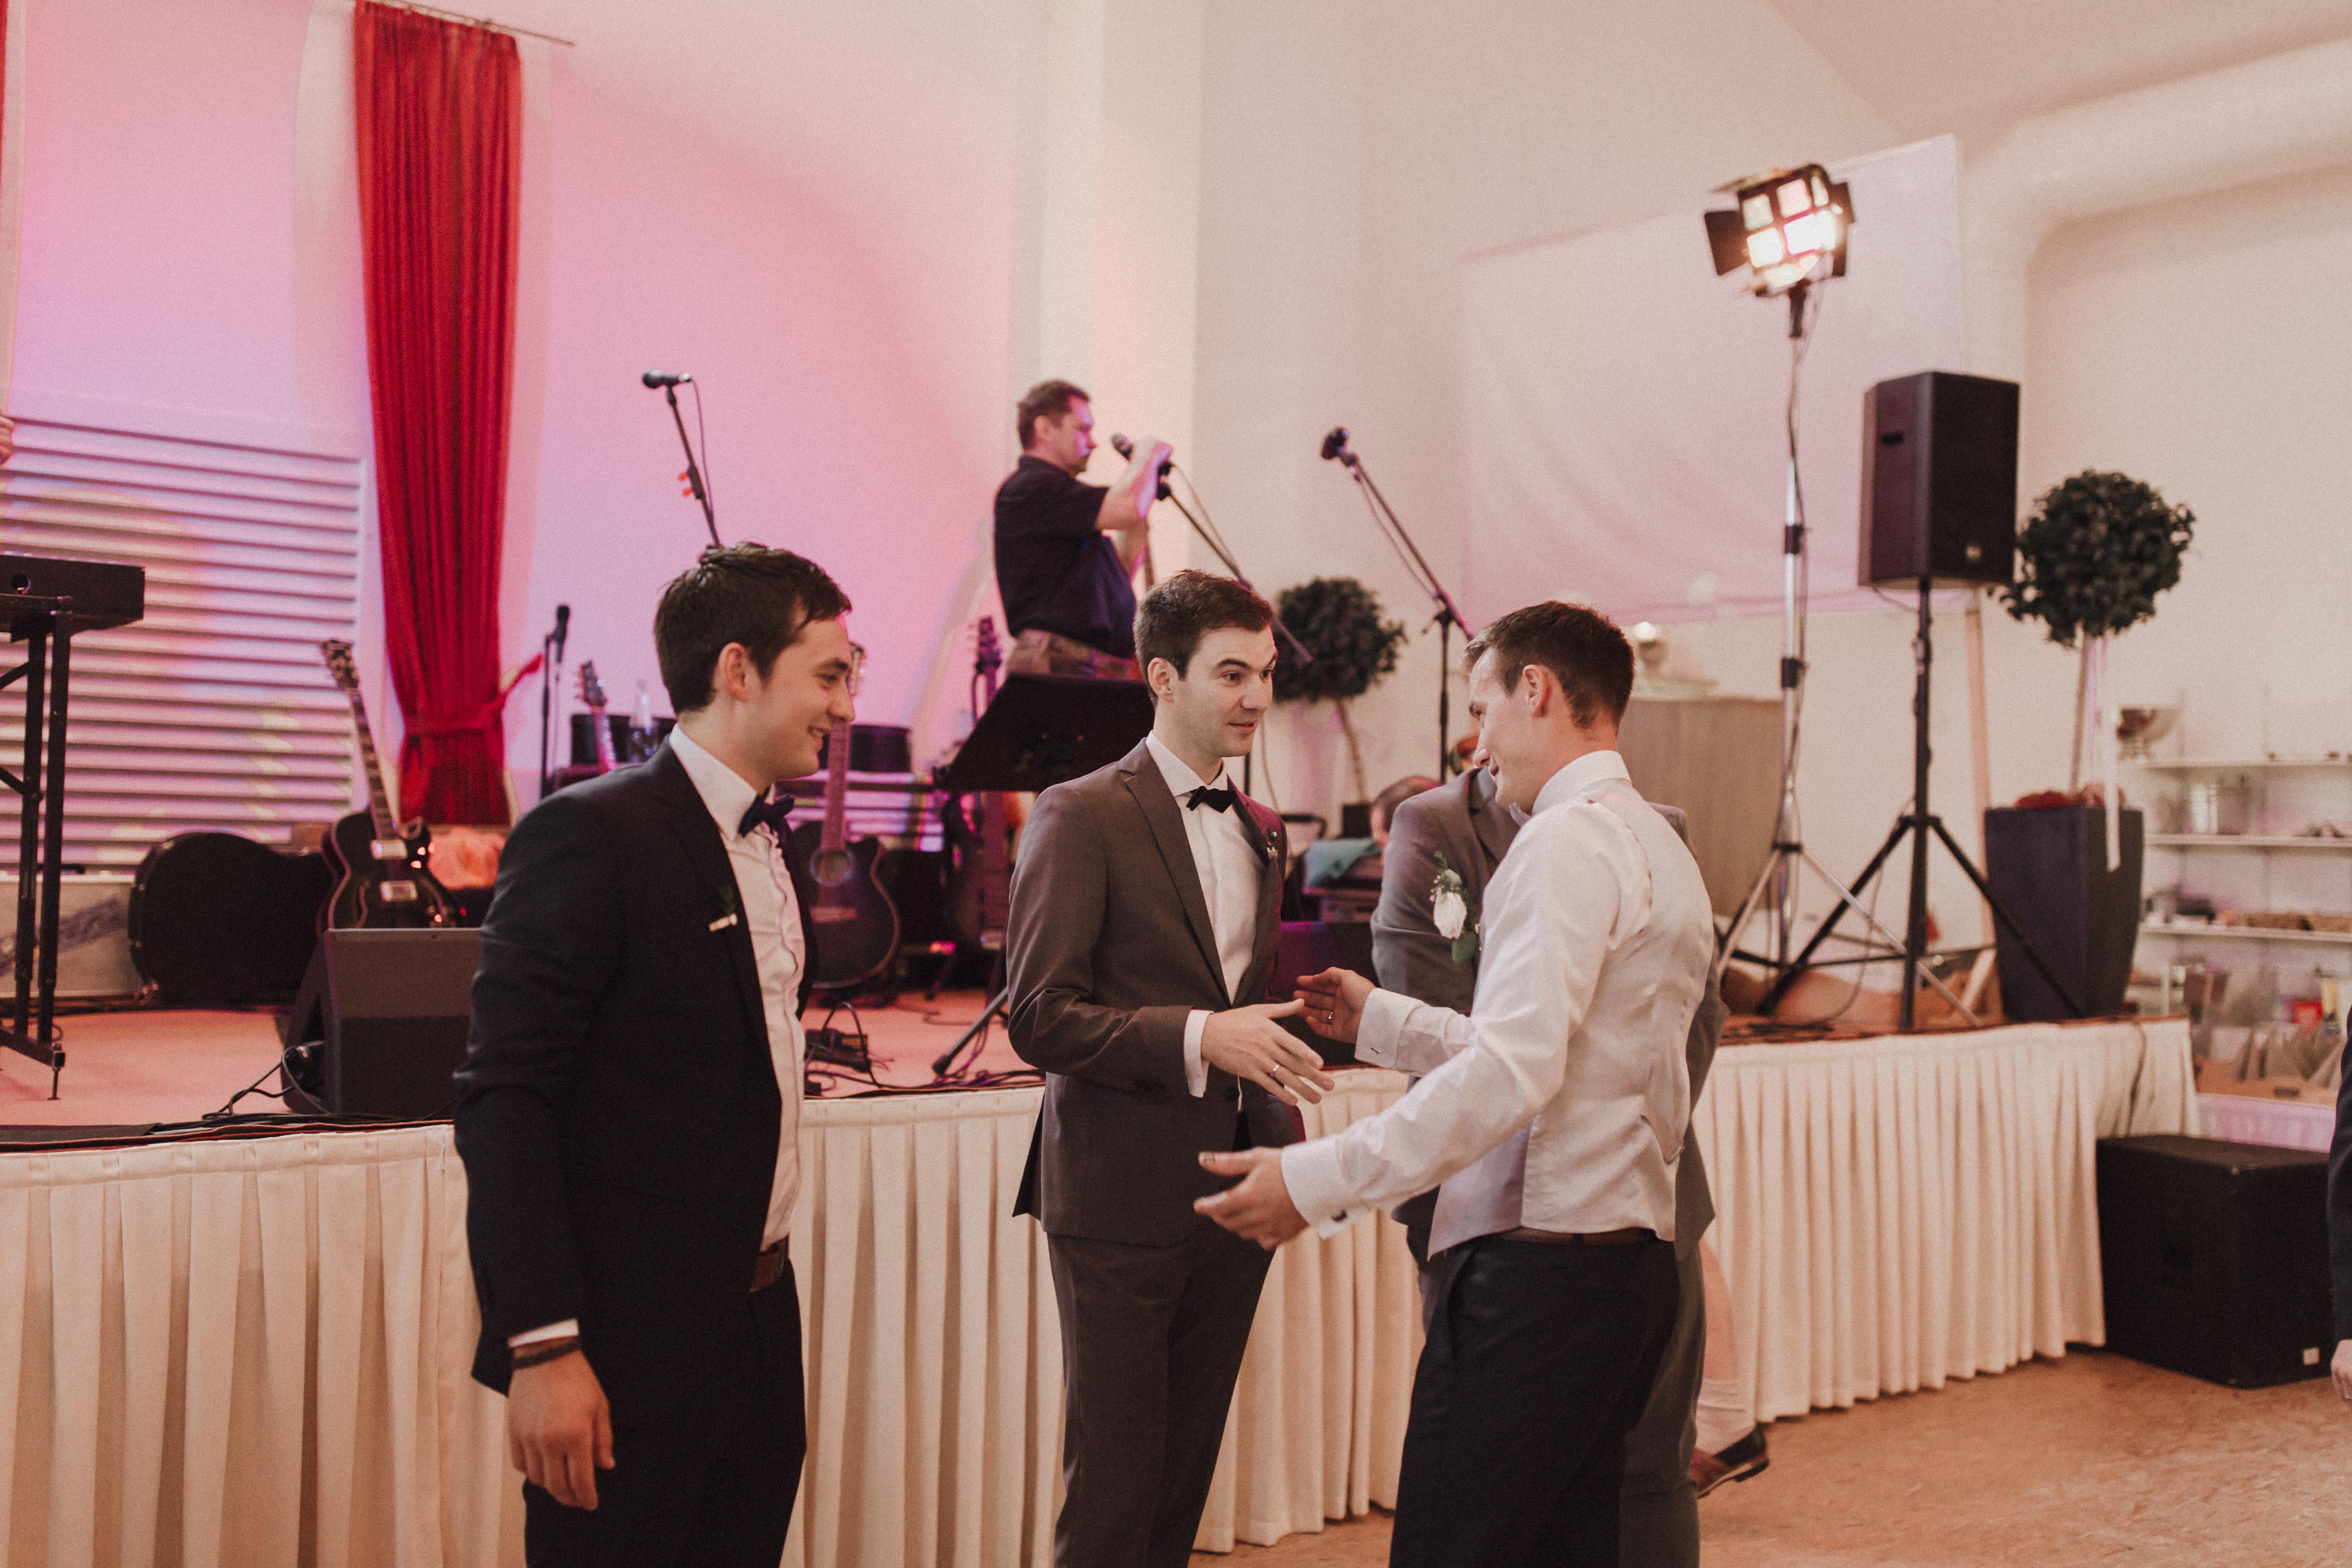 URBANERIE_Daniela_Goth_Hochzeitsfotografin_Nürnberg_Fürth_Erlangen_Schwabach_170909_0112